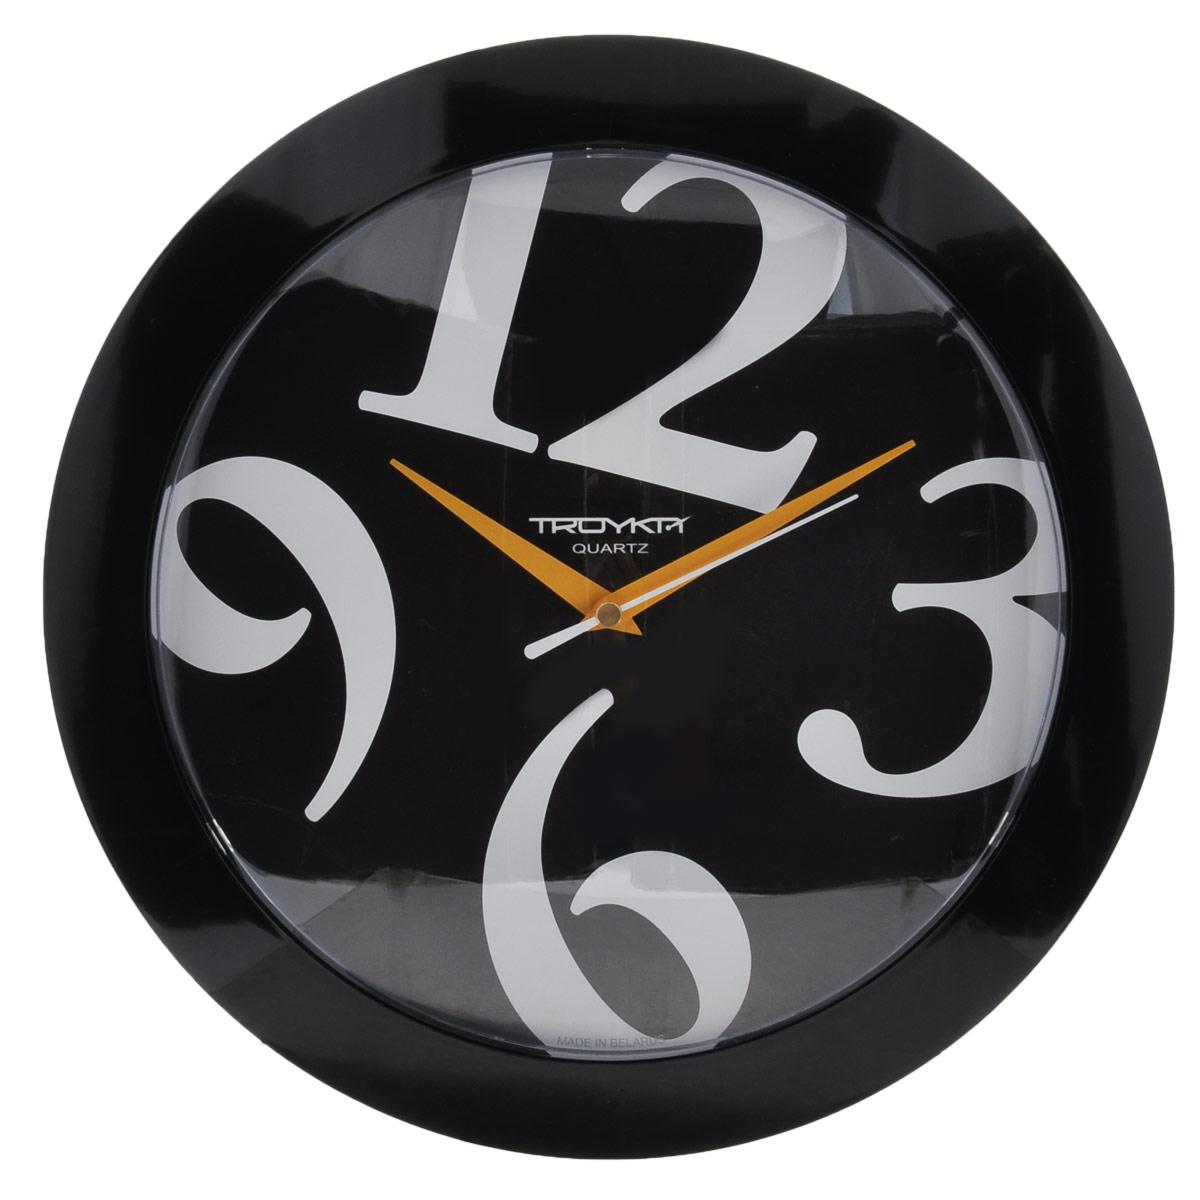 Часы настенные Troyka Веселые цифры, цвет: черный, серебристый. 5150051251500512Настенные кварцевые часы Troyka Веселые цифры, изготовленные из пластика, прекрасно подойдут под интерьер вашего дома. Круглые часы имеют три стрелки: часовую, минутную и секундную, циферблат защищен прозрачным пластиком. Диаметр часов: 30,5 см. Часы работают от 1 батарейки типа АА напряжением 1,5 В (входит в комплект).